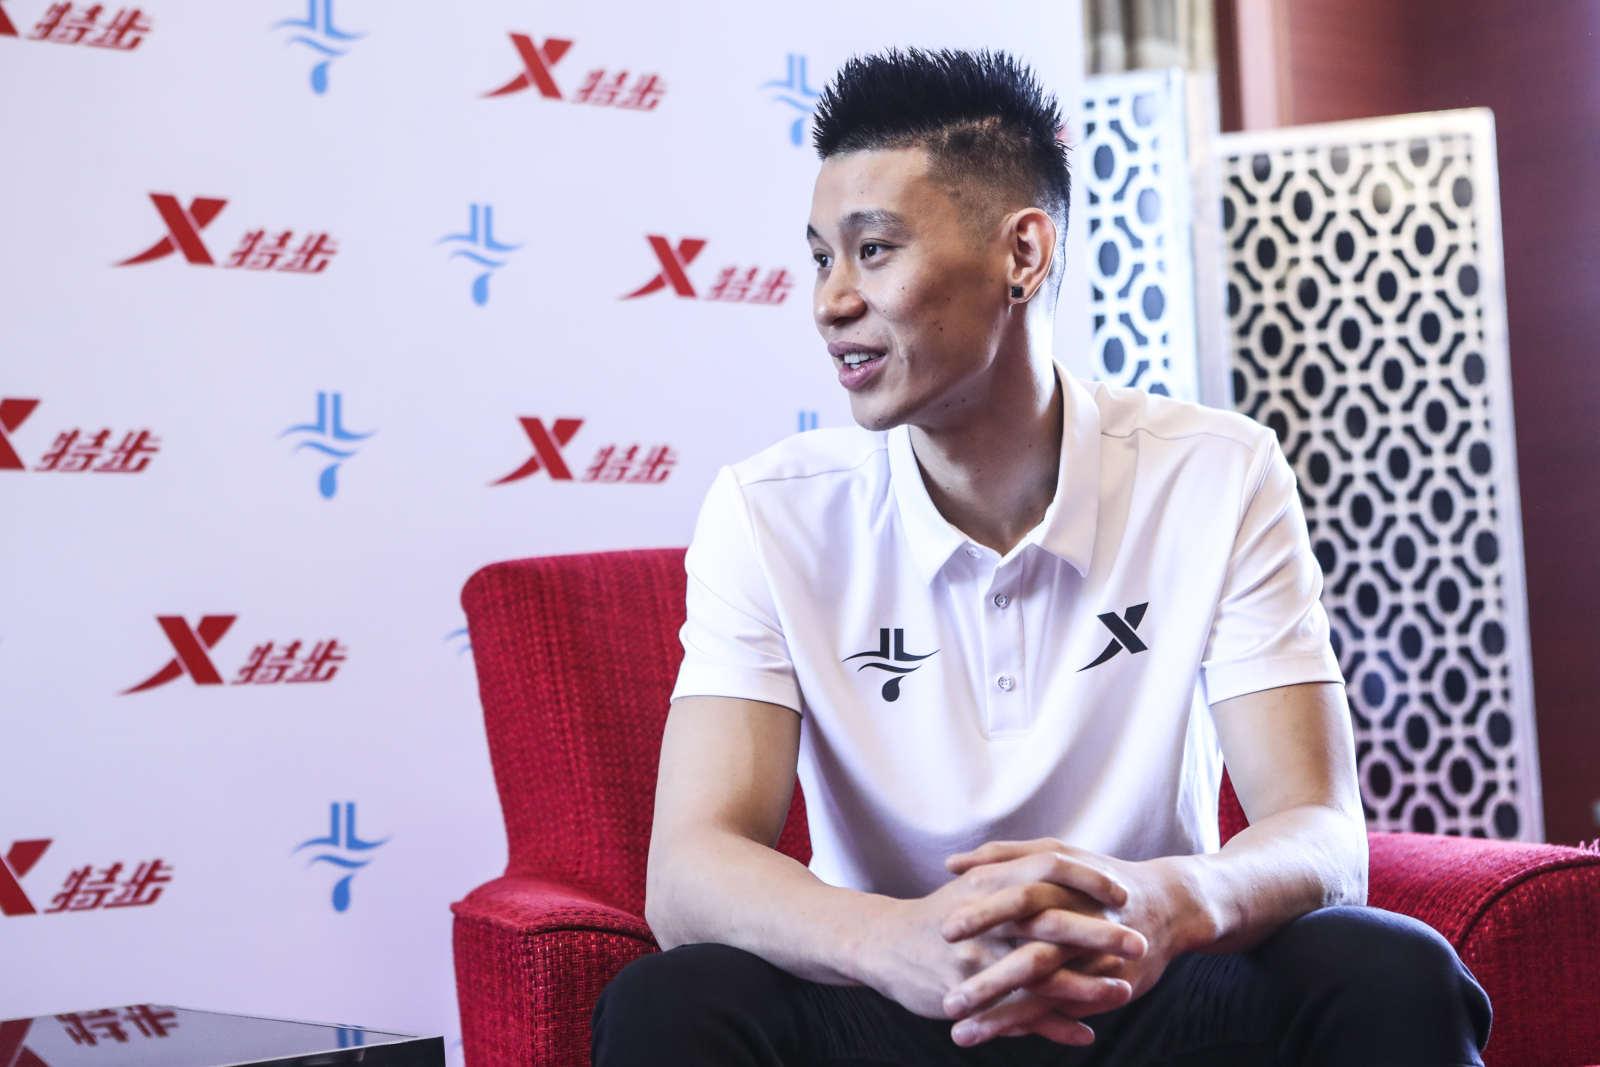 专访林书豪:从水平来看 郭艾伦可以在NBA打球